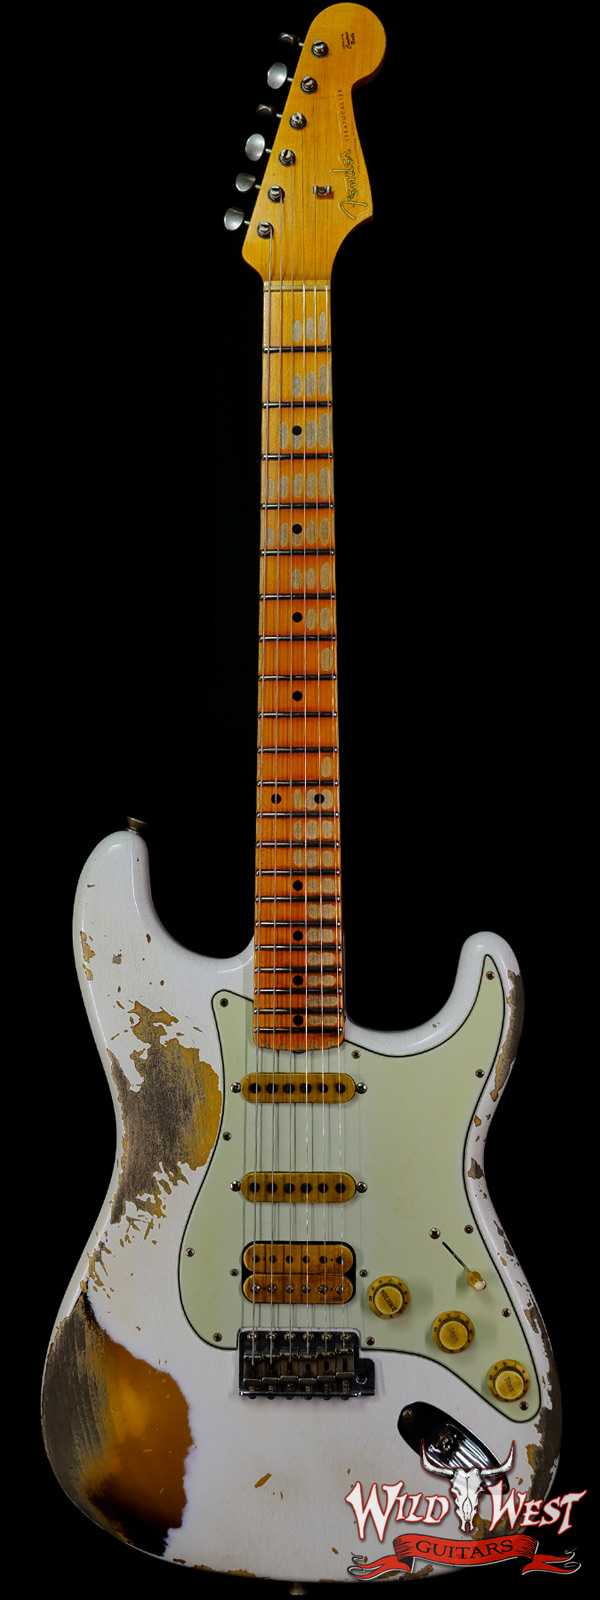 Fender Custom Shop Wild West White Lightning Stratocaster 2.0 Heavy Relic Maple Board 2 Tone Sunburst